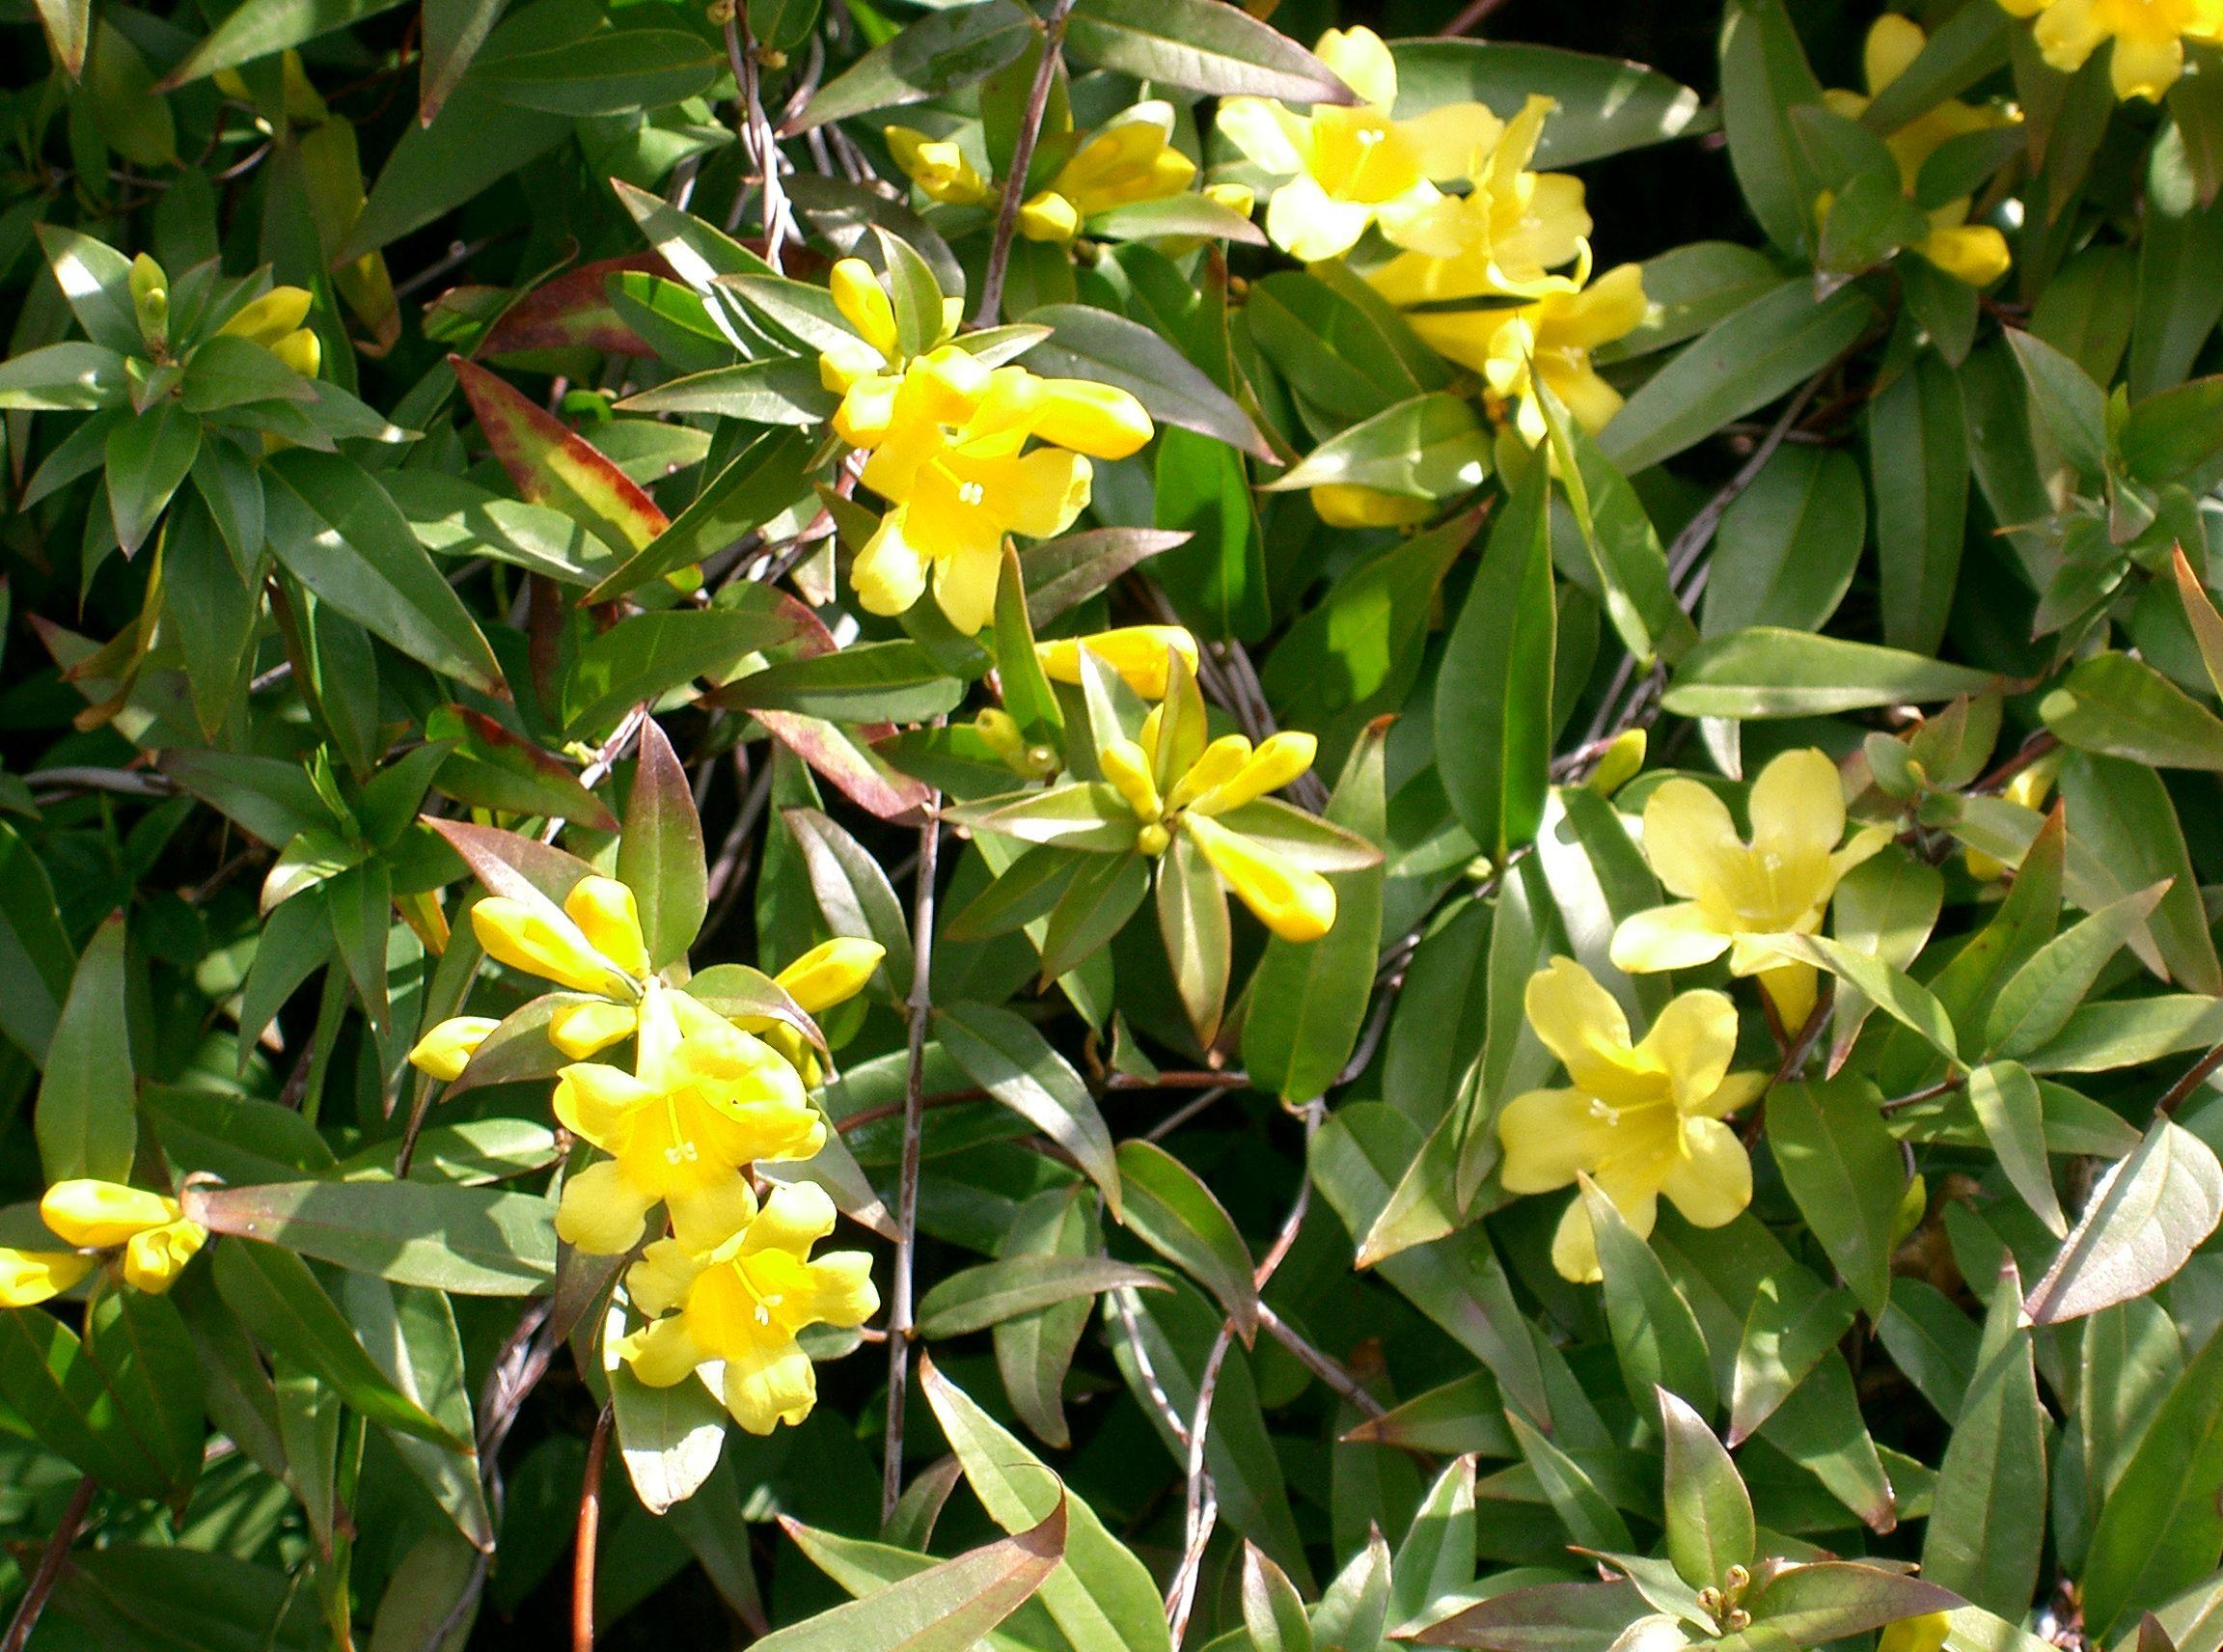 【要注意】 綺麗な花を咲かせるのに毒性のある植物たちまとめ - NAVER まとめ